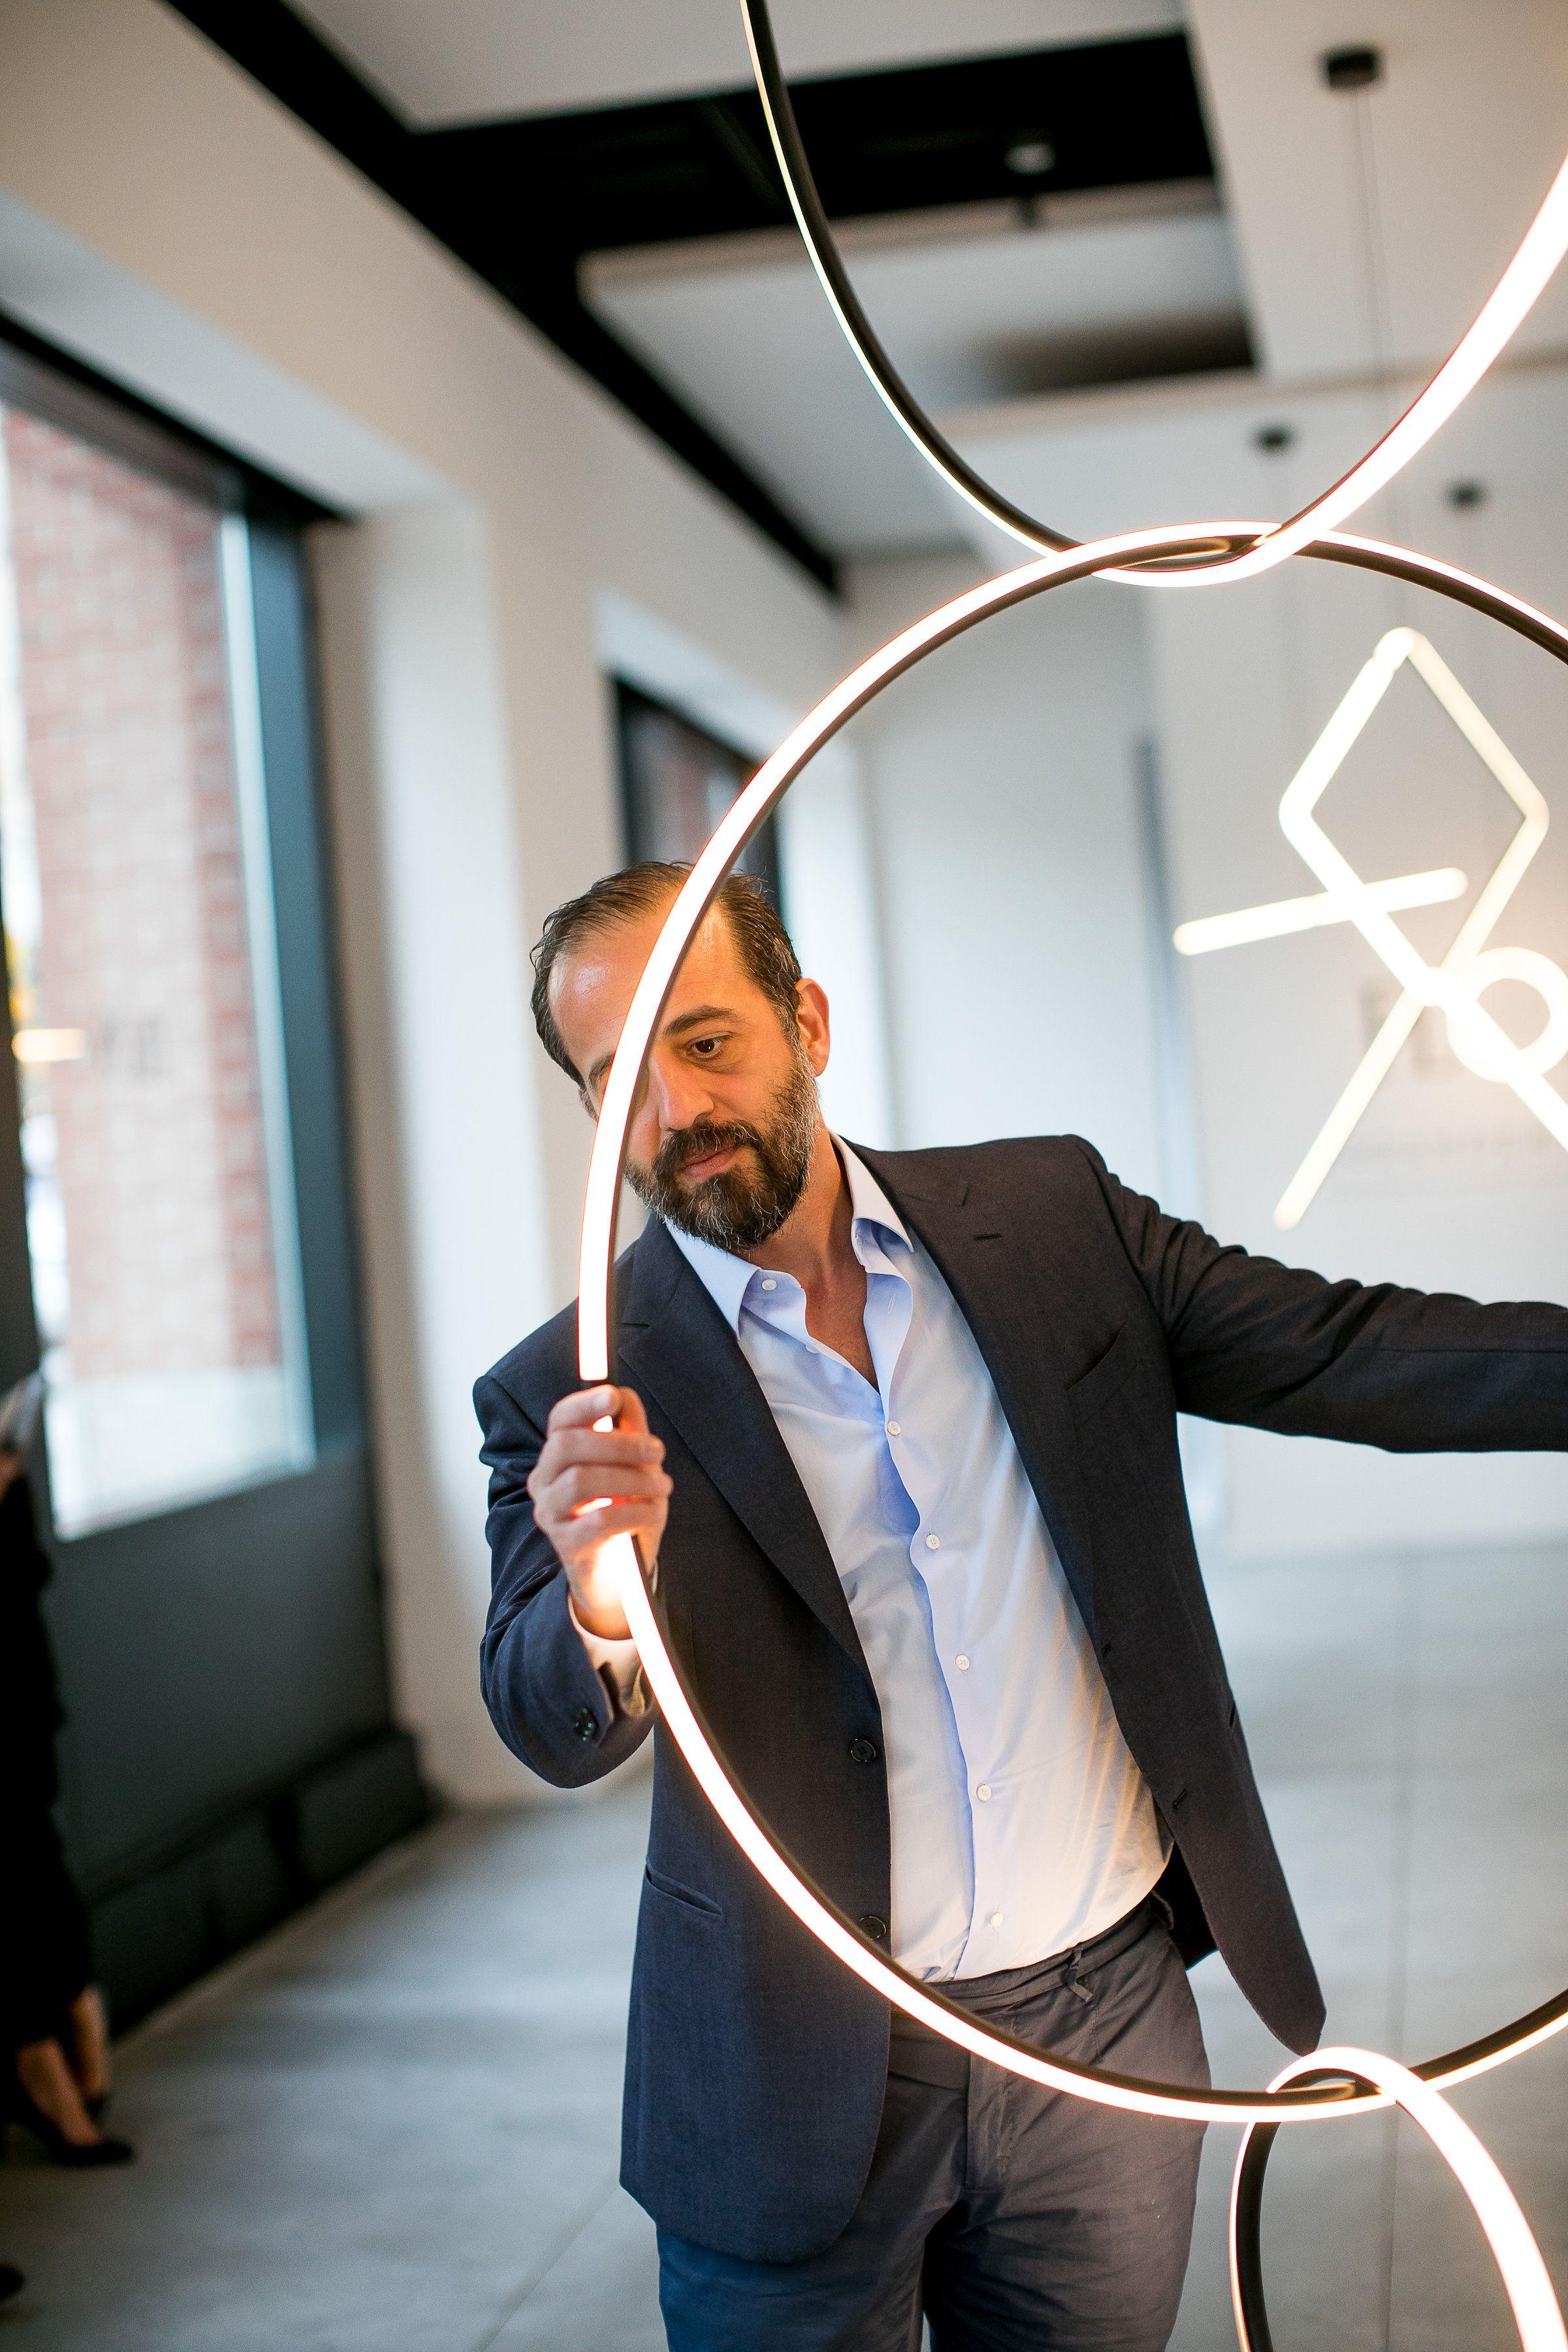 Michael Anastassiades, il designer dell'anno del 2020 che cammina in equilibrio su un filo di luce